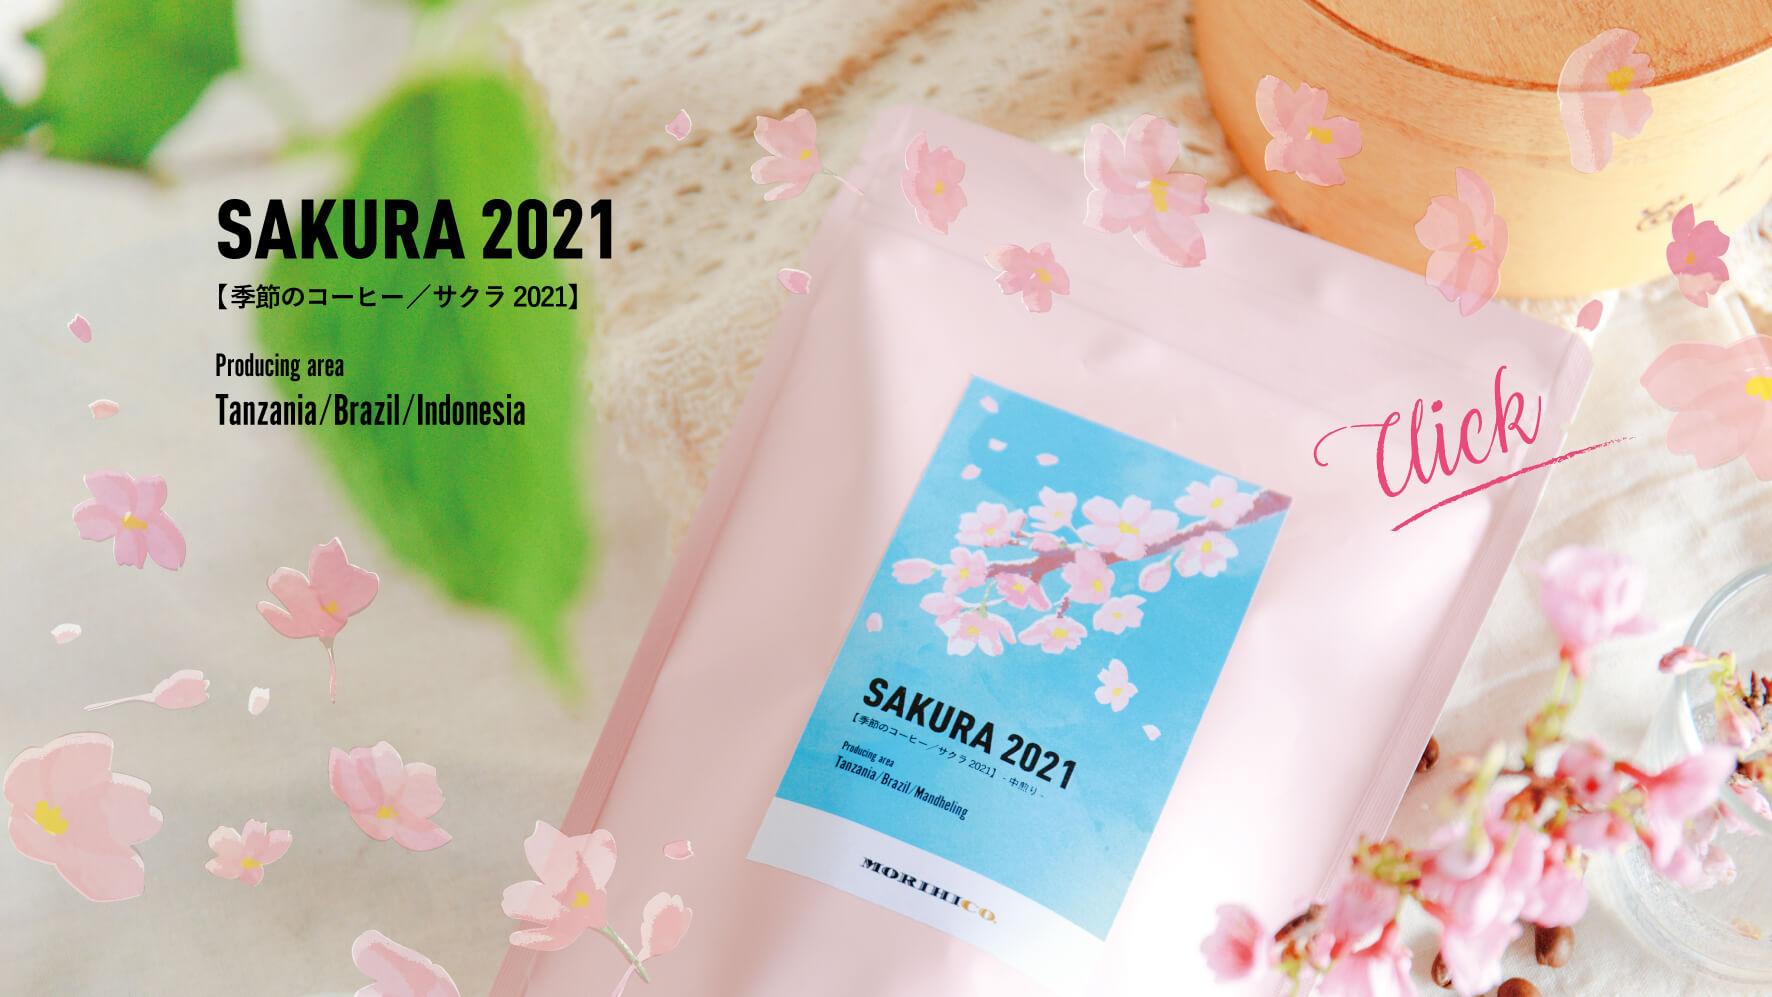 季節のコーヒーサクラ2021